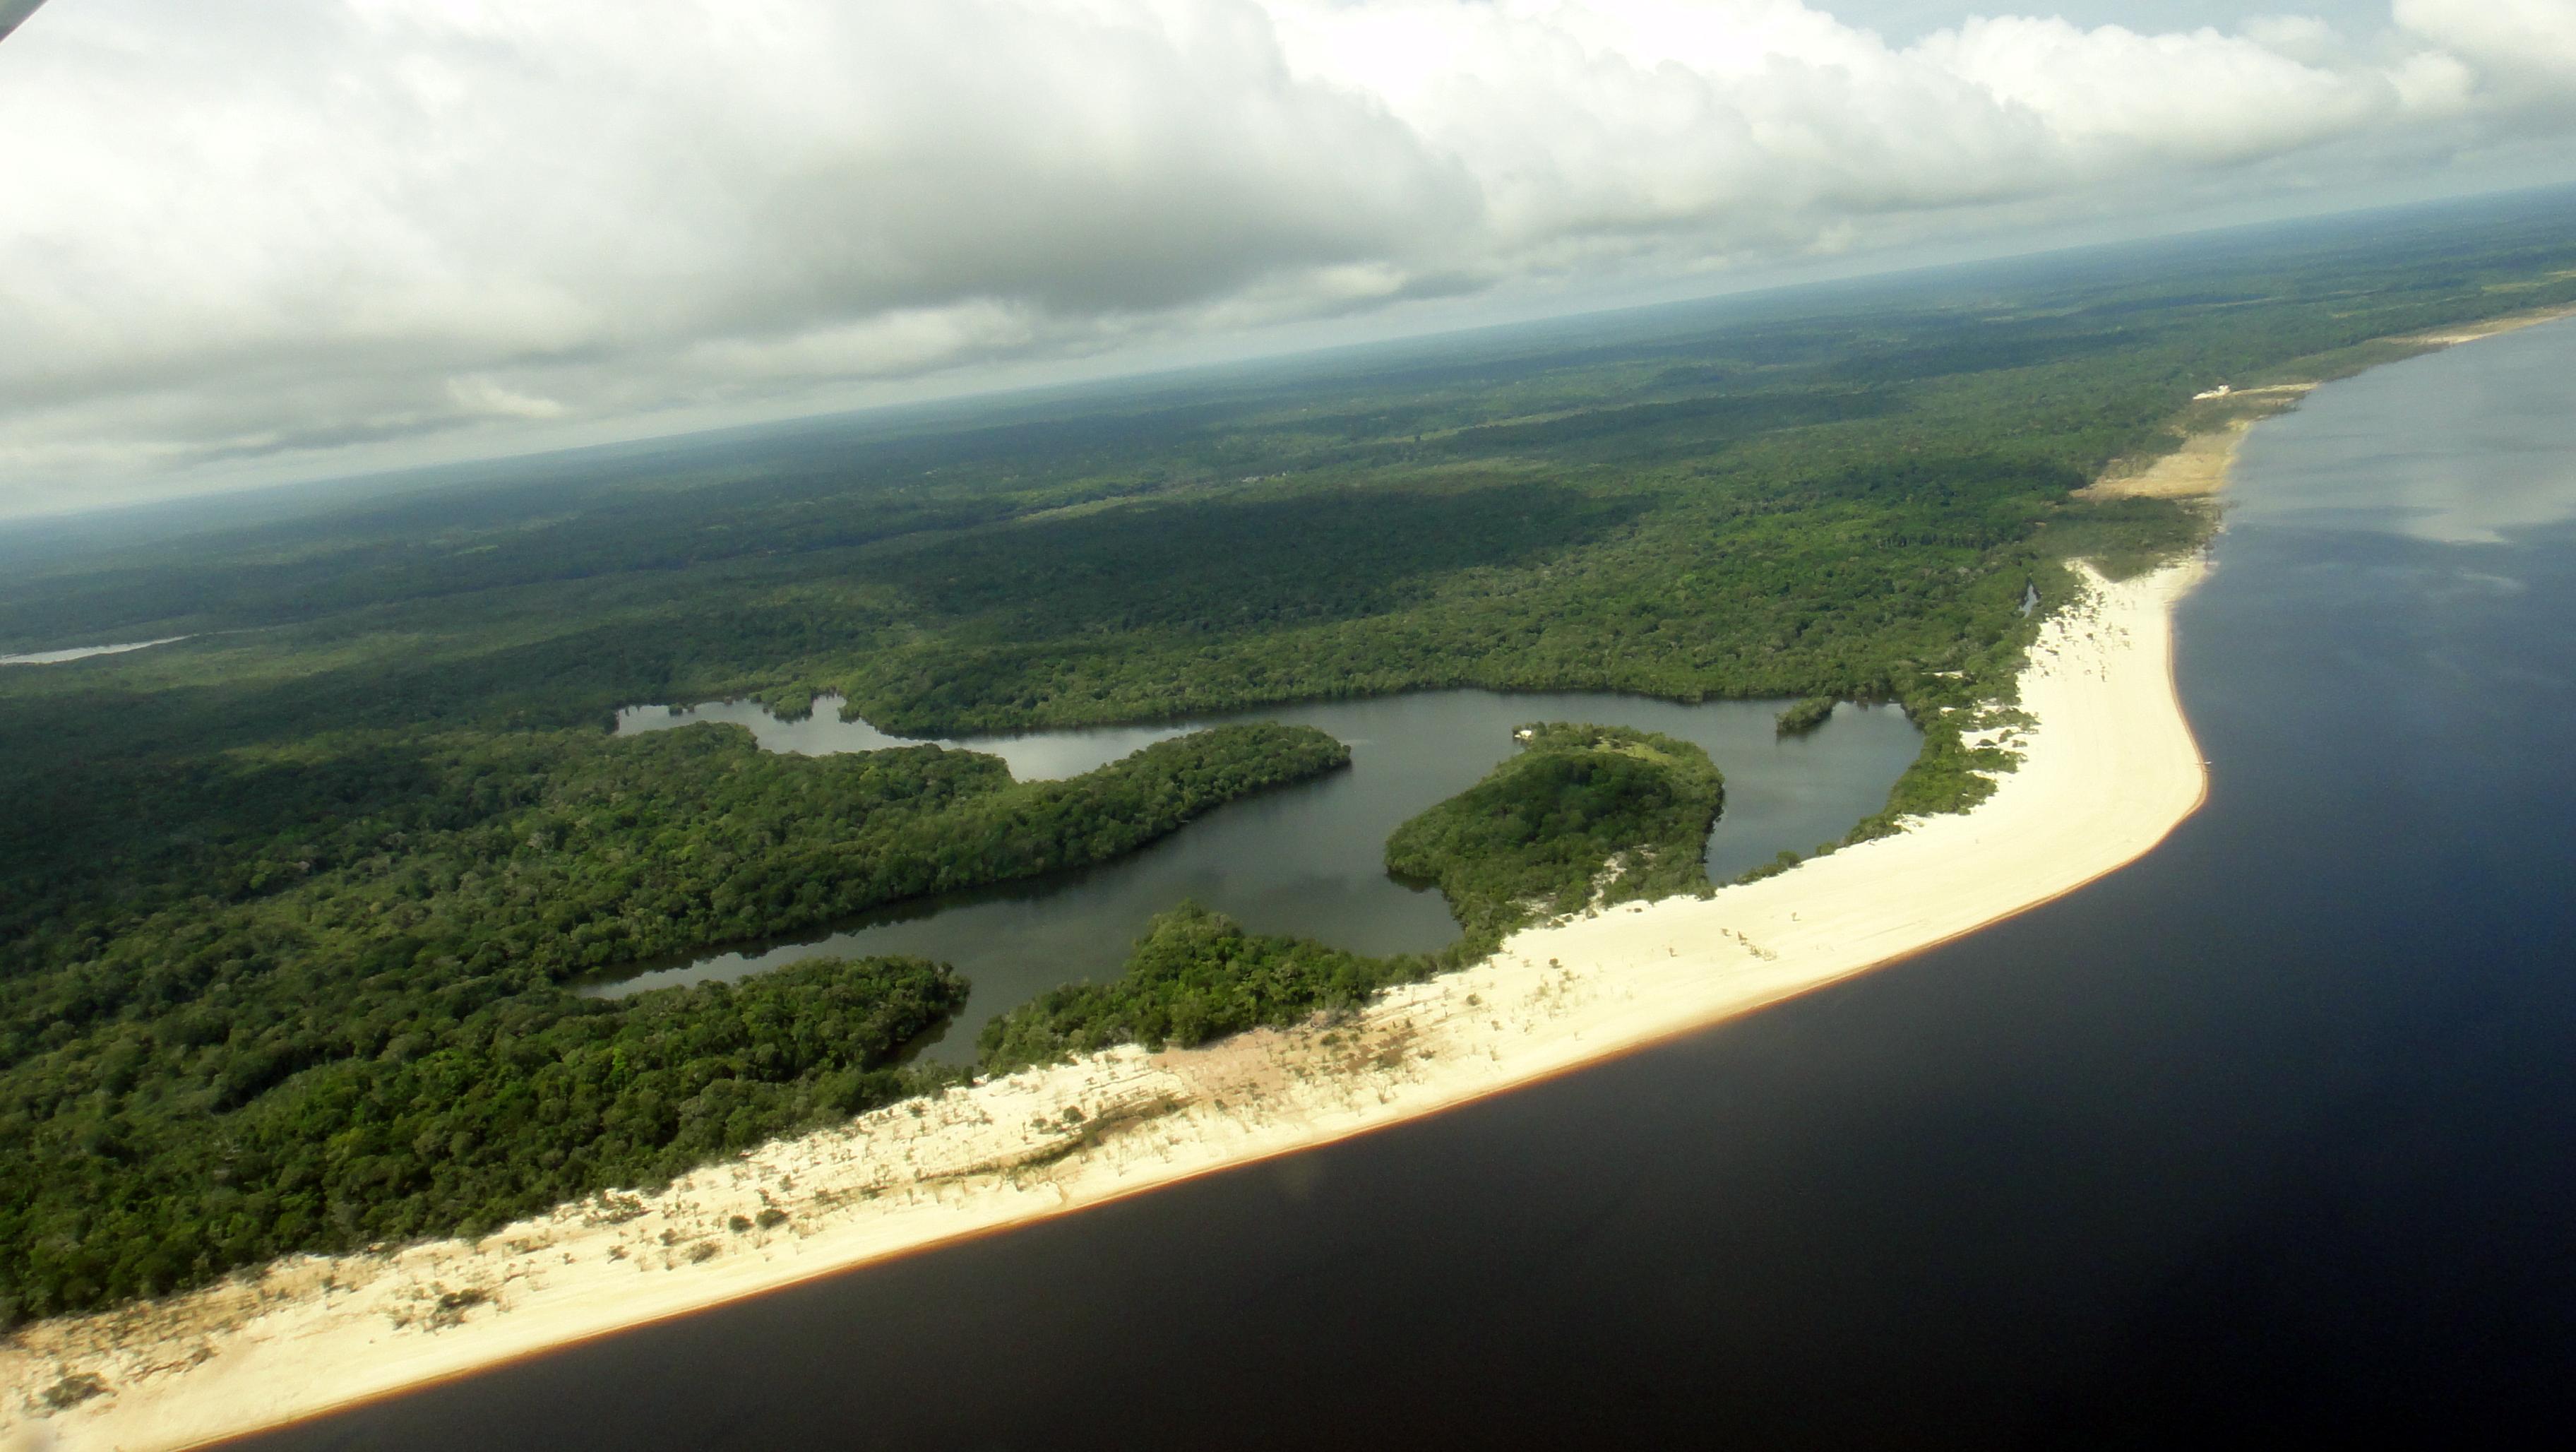 Ficheiro:Parque Nacional de Anavilhanas - Amazonia.jpg – Wikipédia, a enciclopédia livre